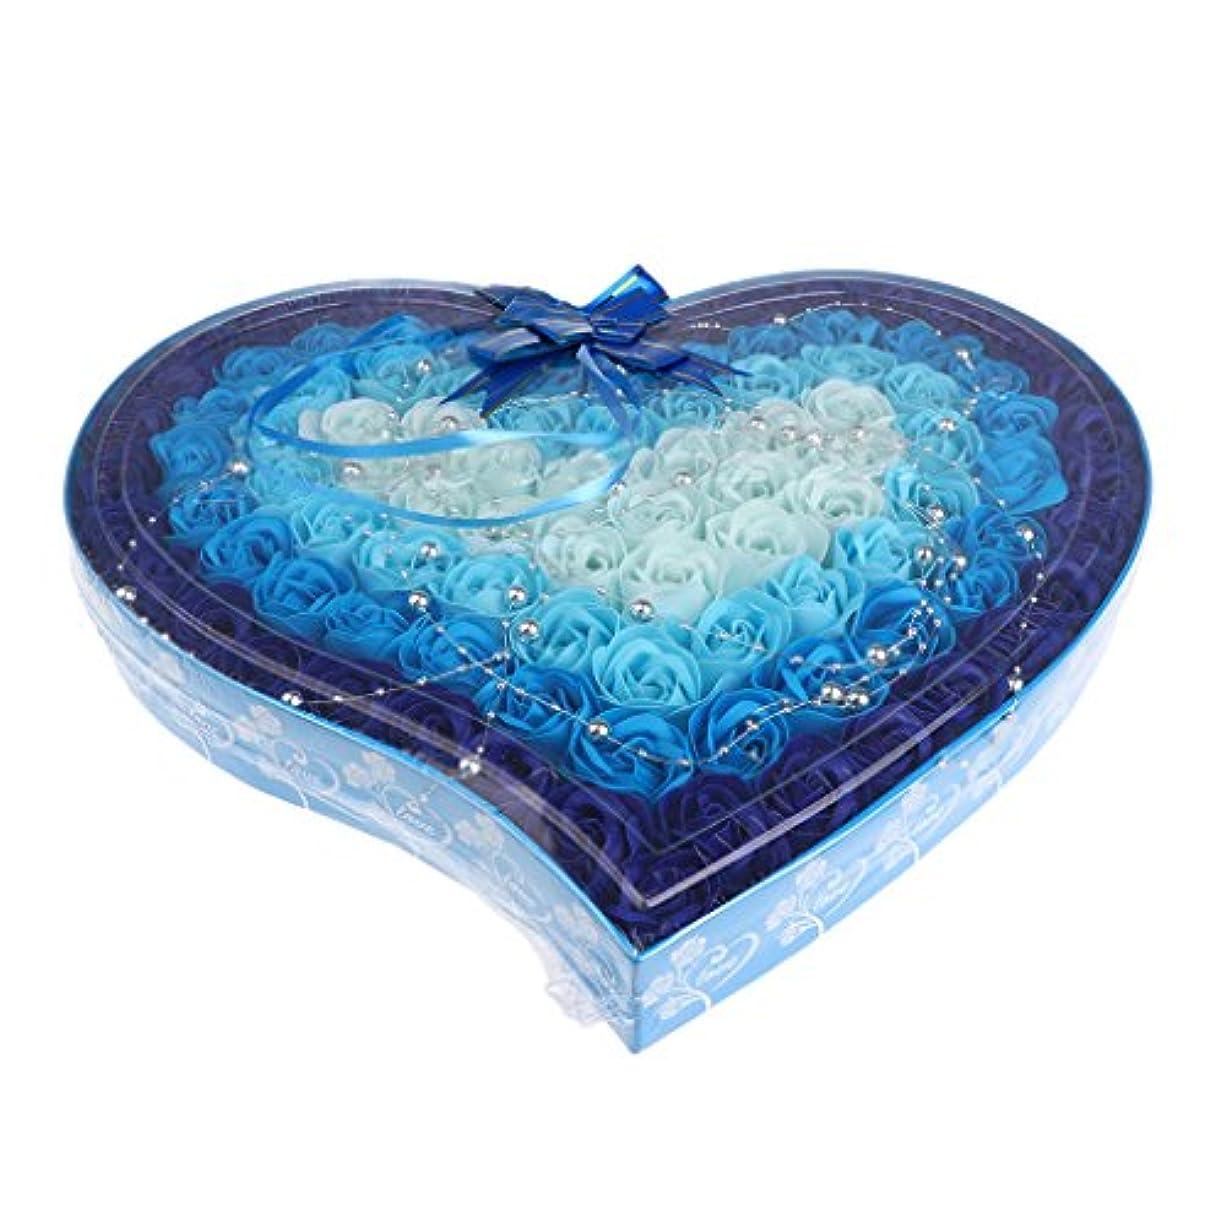 買う変わる付けるKesoto 石鹸の花 造花 ソープフラワー 心の形 ギフトボックス  母の日   バレンタイン プレゼント 全4色選べる - 青